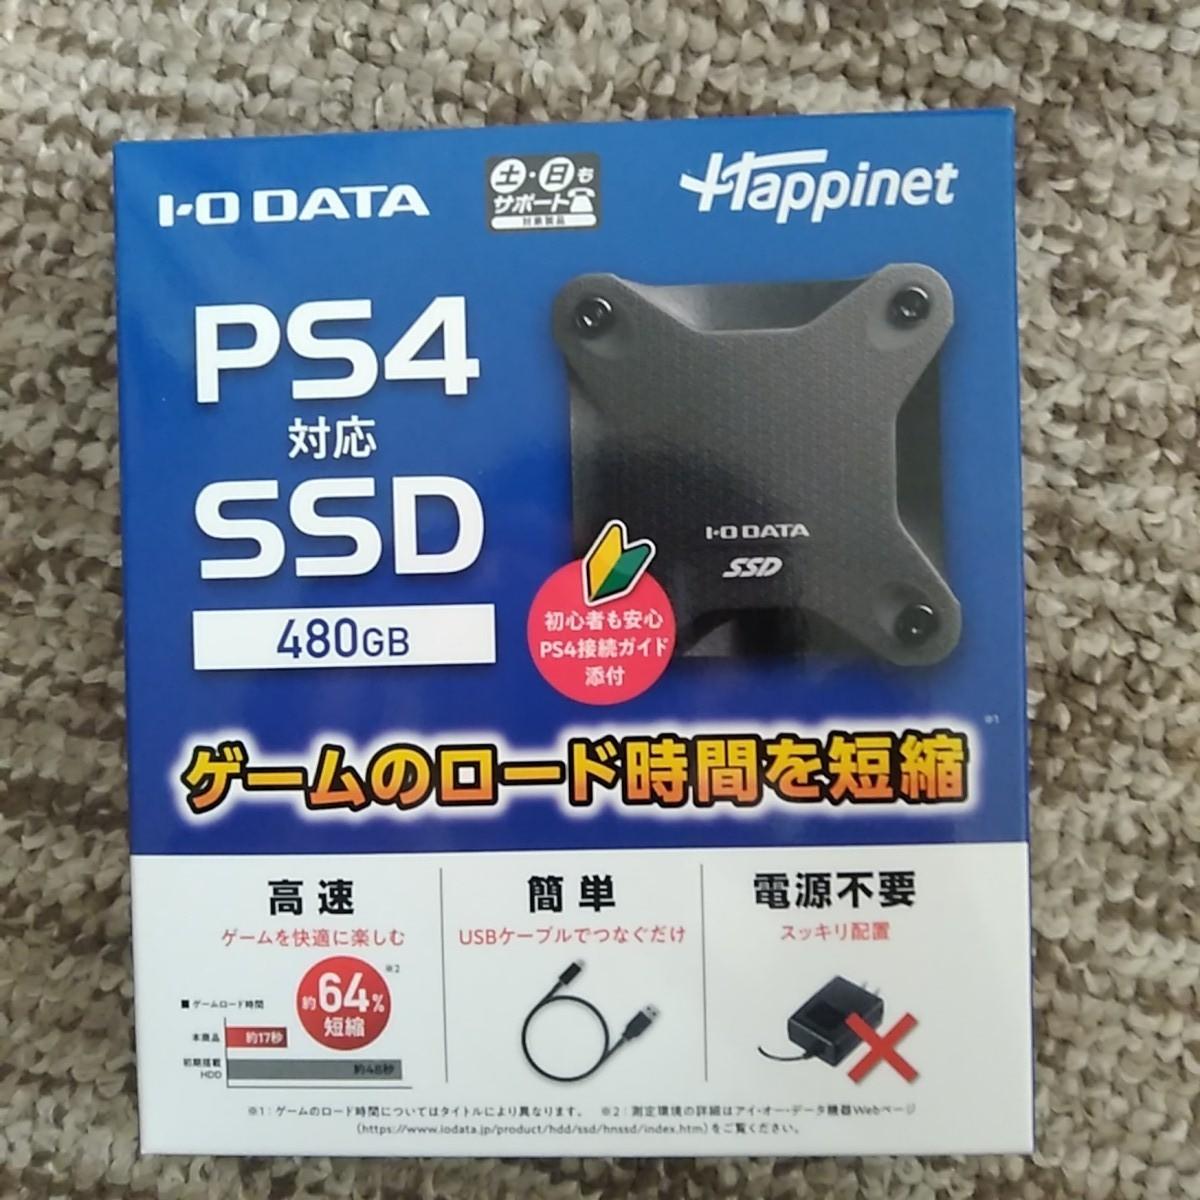 【新品未使用】 ポータブルSSD 480GB アイ・オー・データ ★PS4対応 外付けSSD IODATA 外付け